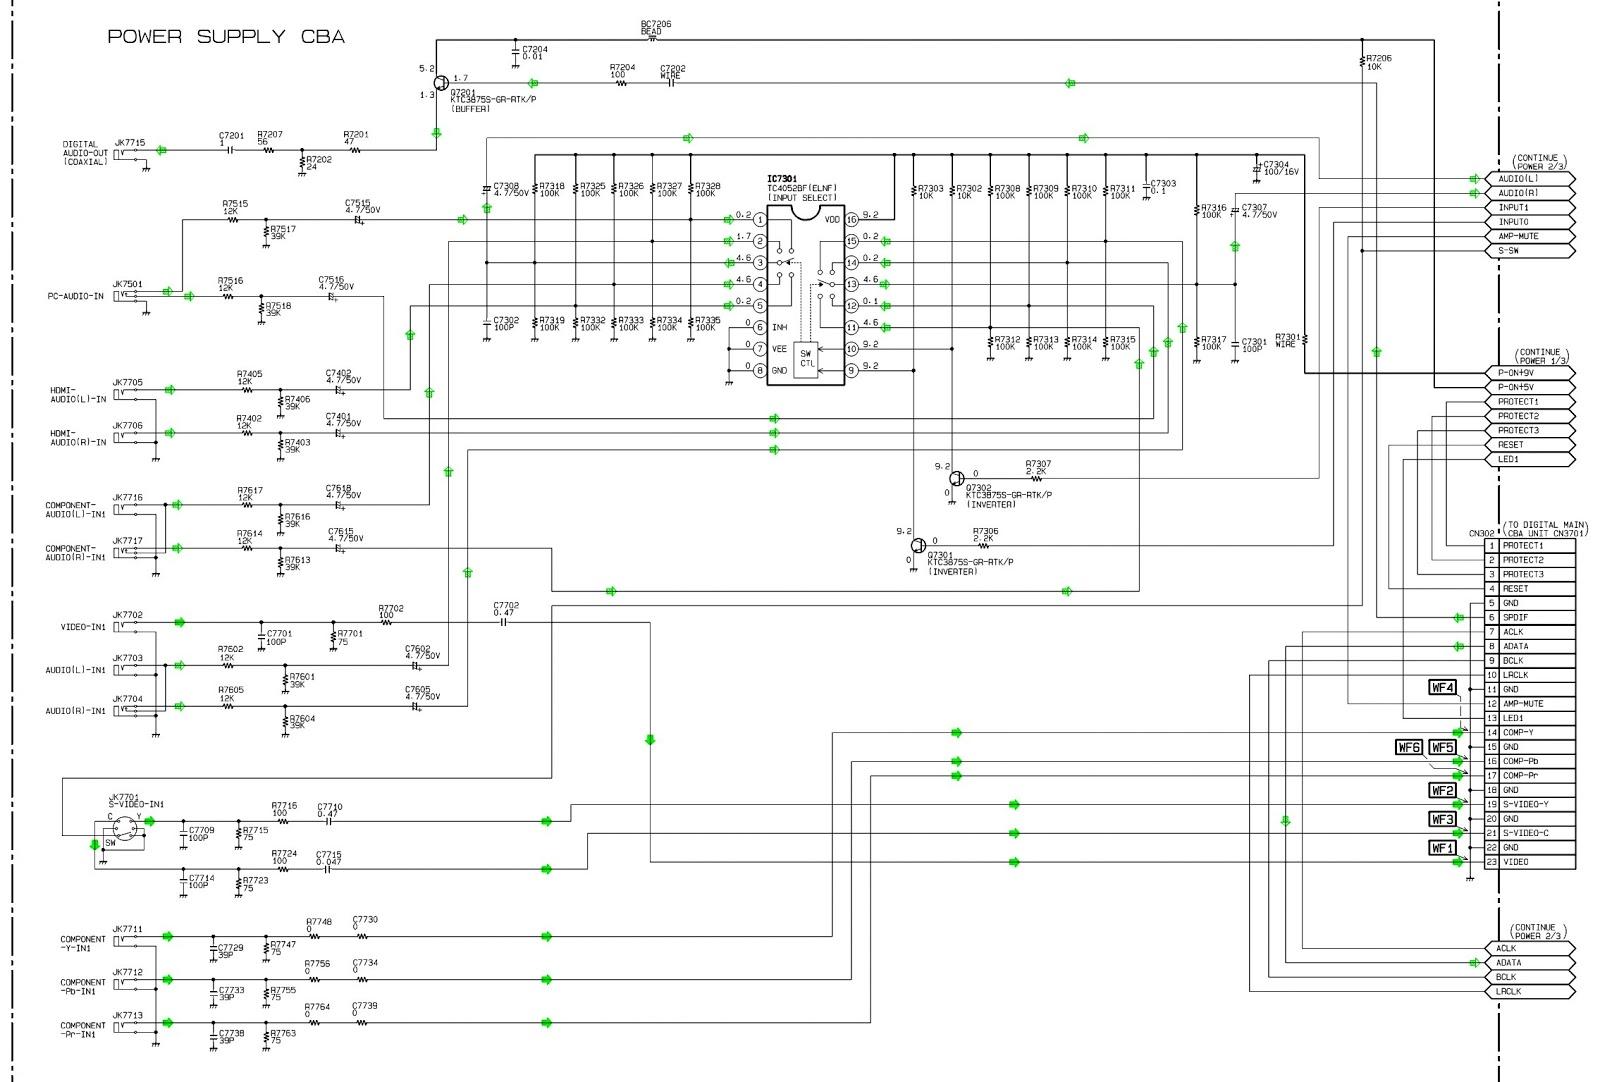 zenith schematics, dayton schematics, samsung schematics, on sylvania lc195sl9 a schematic diagram